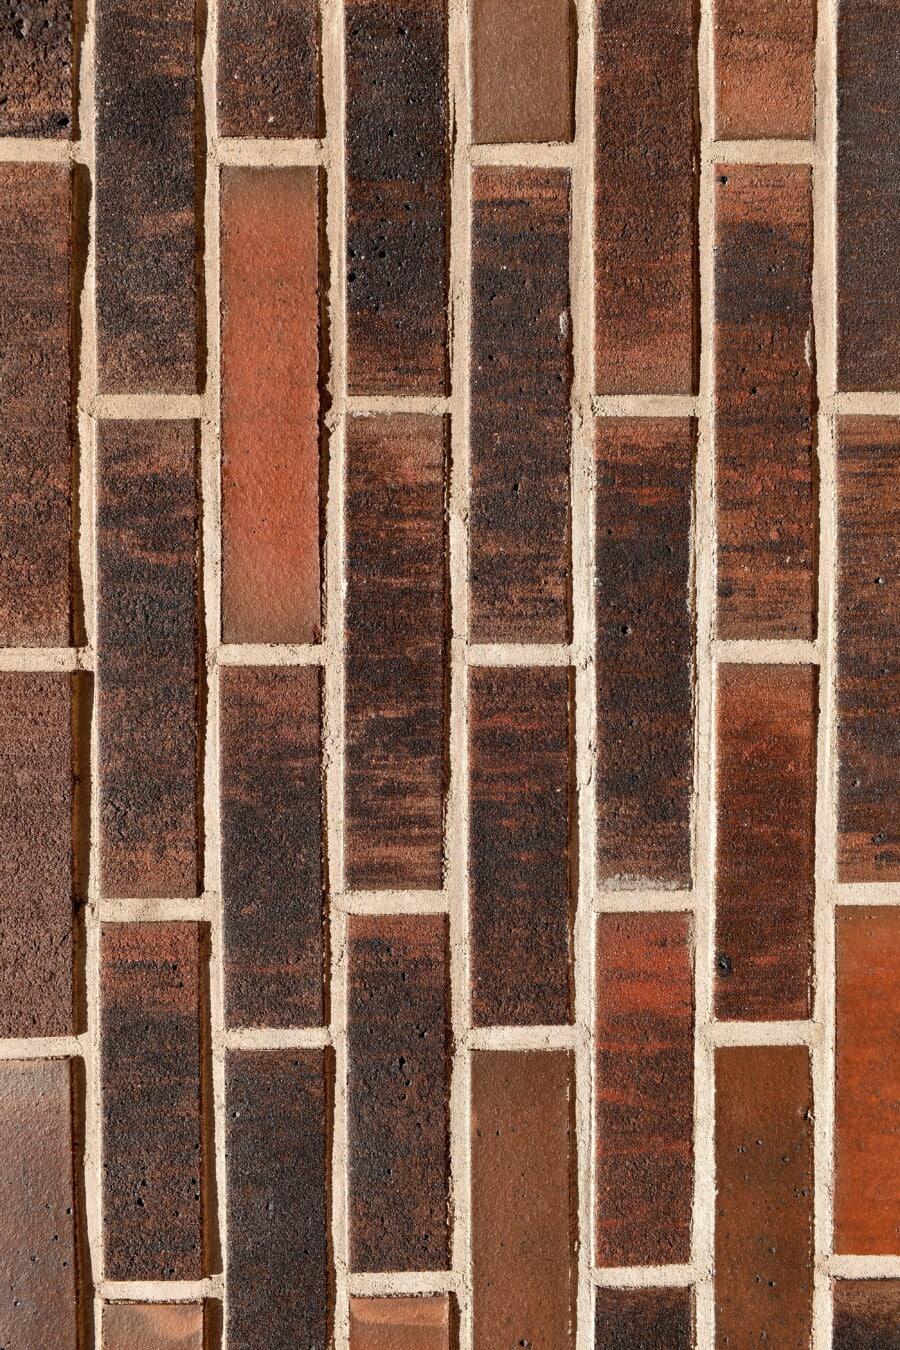 maçonnerie, briques, mortier, vertical, rouge foncé, bloc, vieux, mur, sale, texture